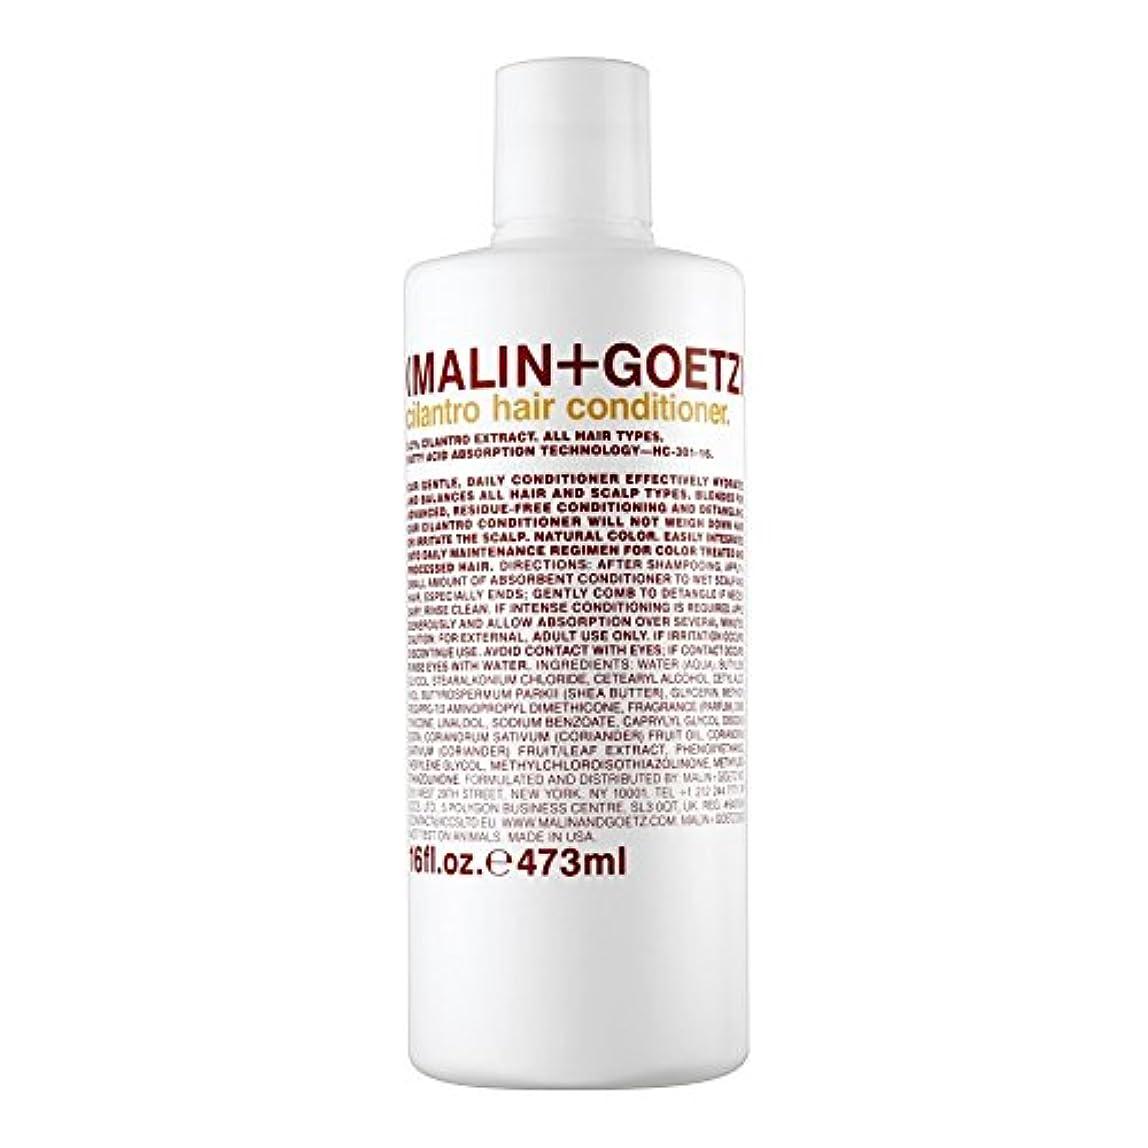 データム強要邪魔マリン+ゲッツコリアンダーのヘアコンディショナー473ミリリットル x4 - MALIN+GOETZ Cilantro Hair Conditioner 473ml (Pack of 4) [並行輸入品]